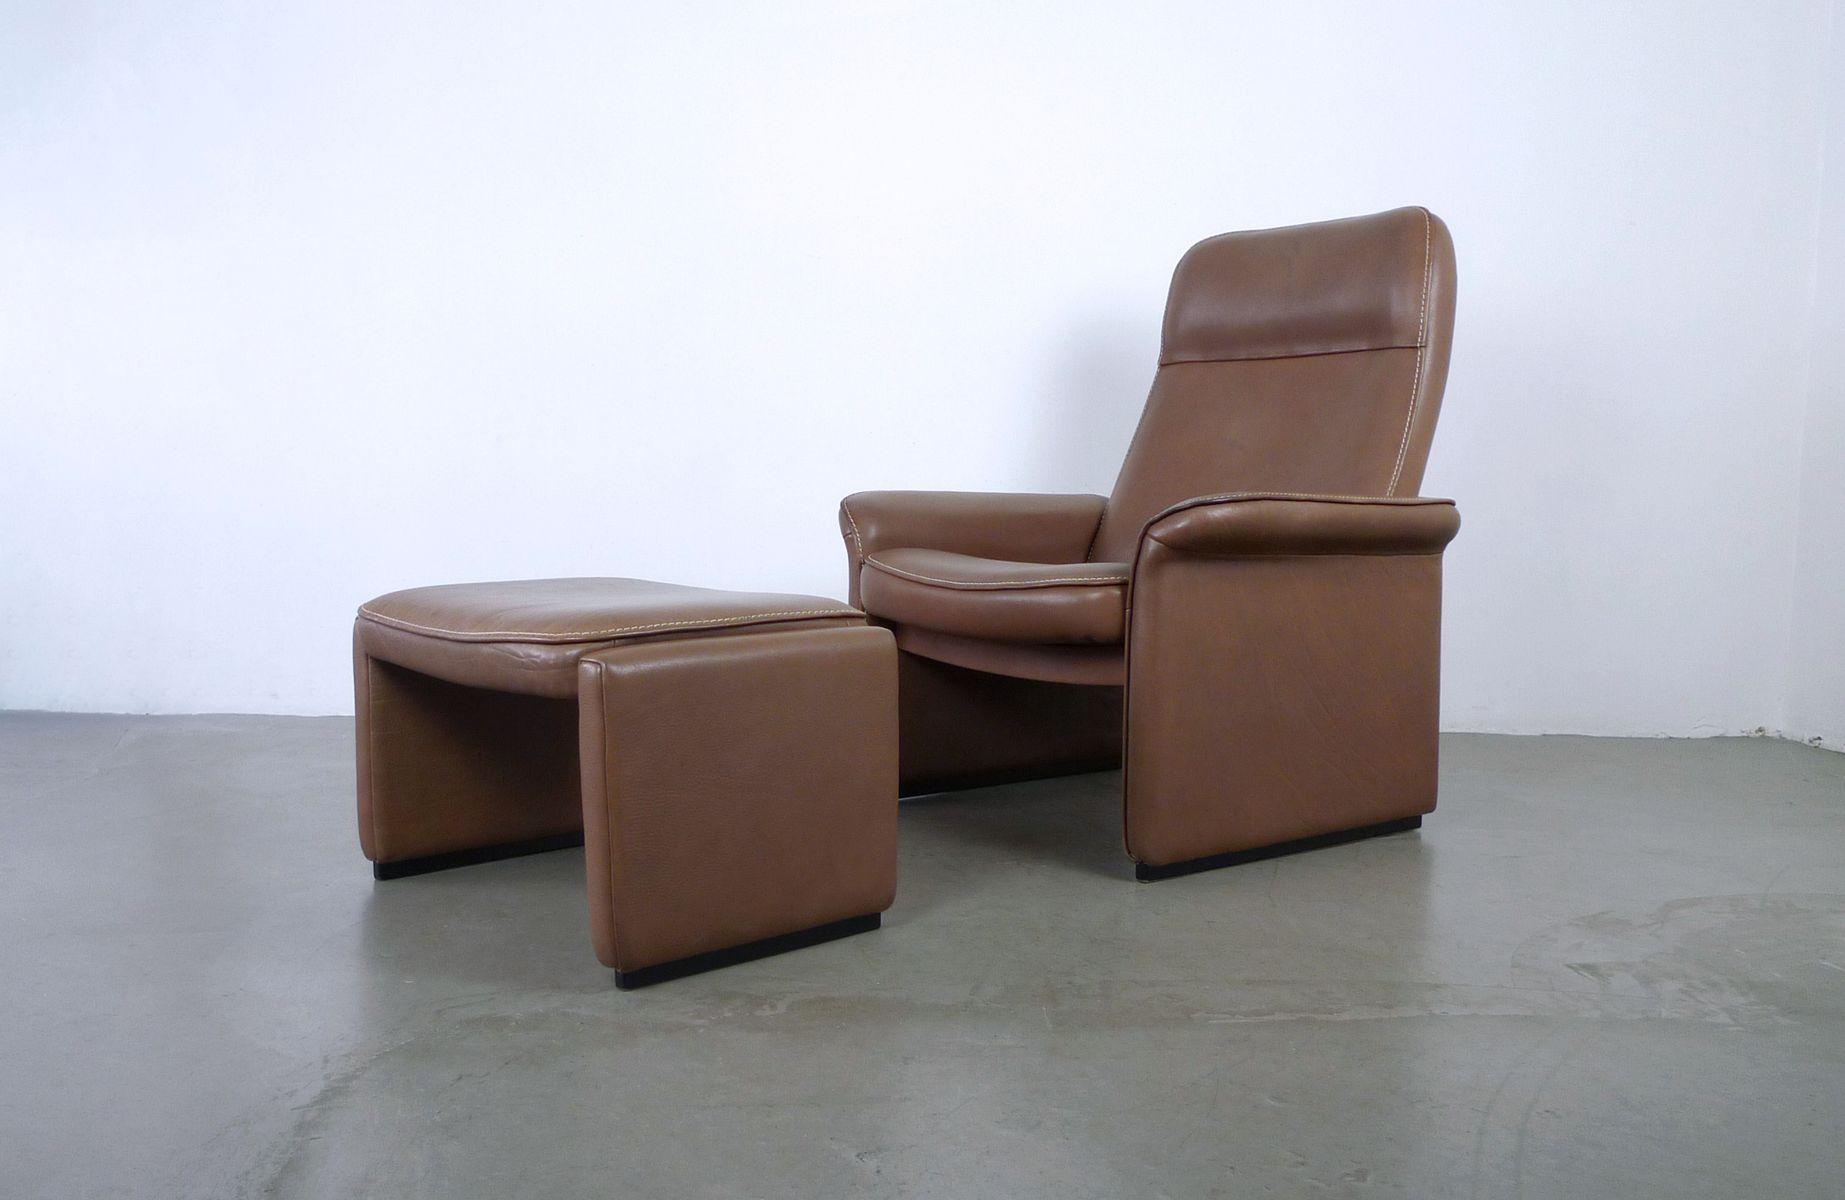 ds 50 sessel mit ottoman von de sede 1970er bei pamono kaufen. Black Bedroom Furniture Sets. Home Design Ideas